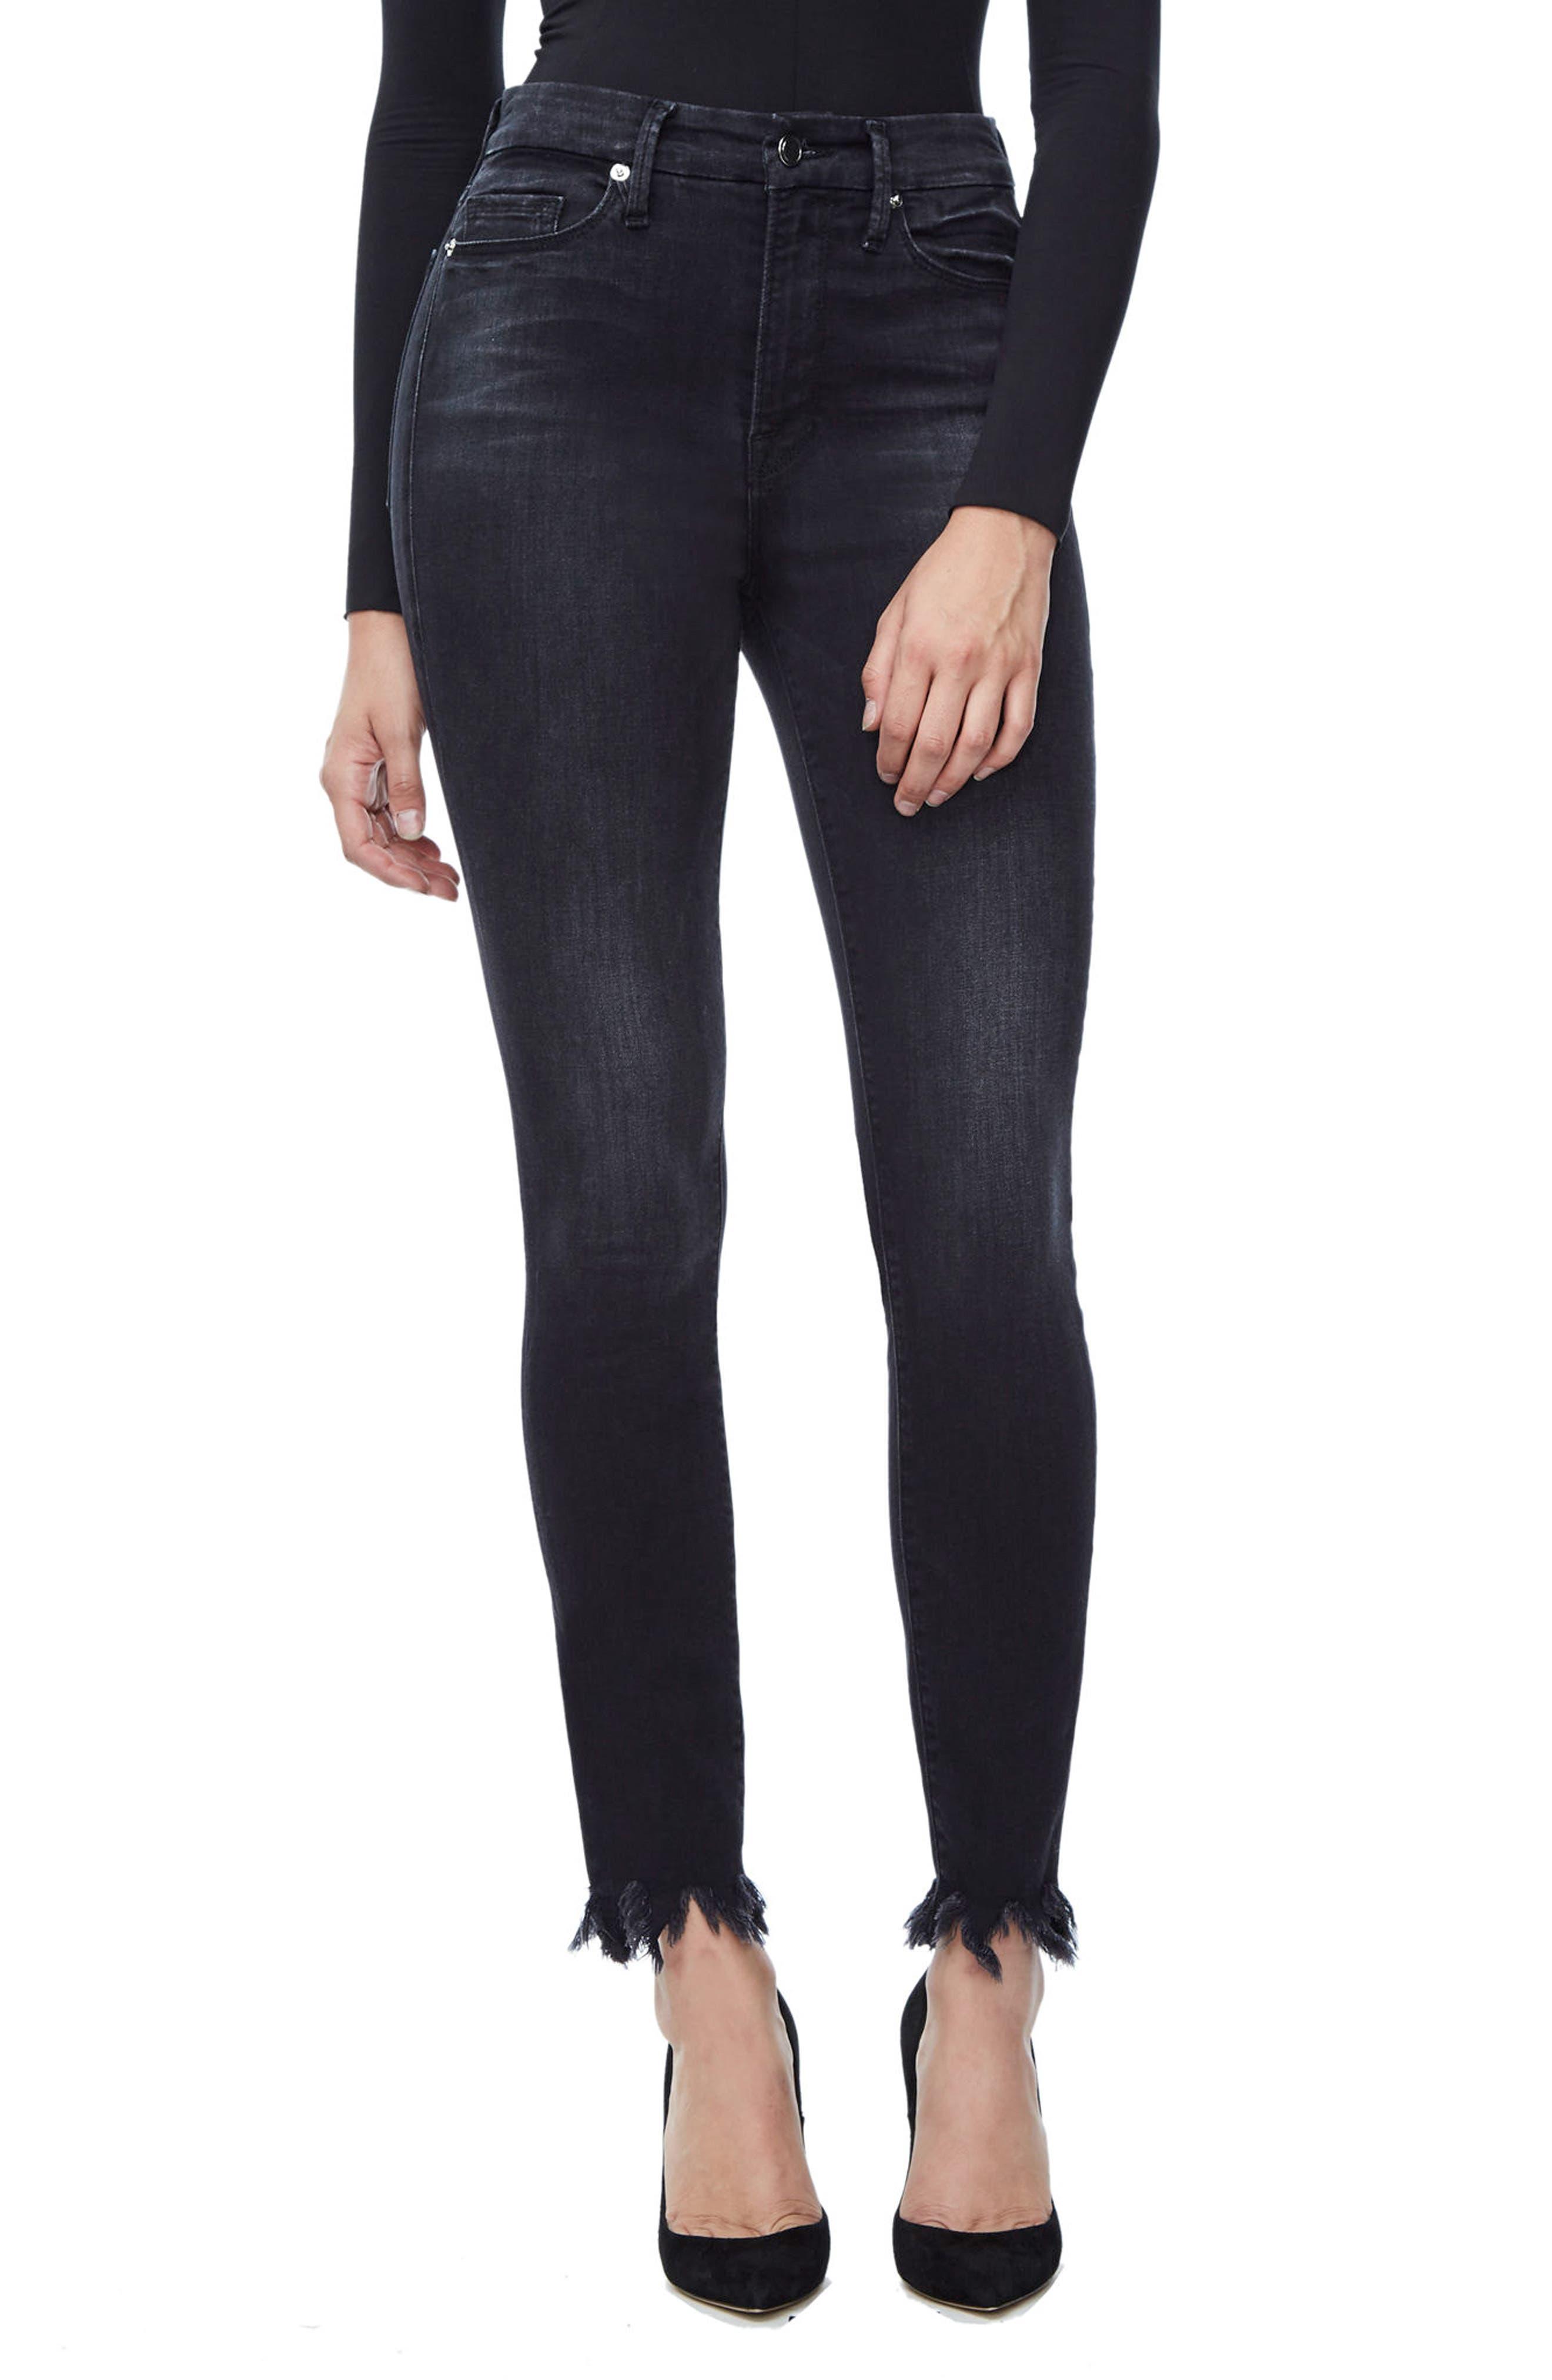 Alternate Image 3  - Good American Good Waist Fray Hem Skinny Jeans (Black 012) (Extended Sizes)